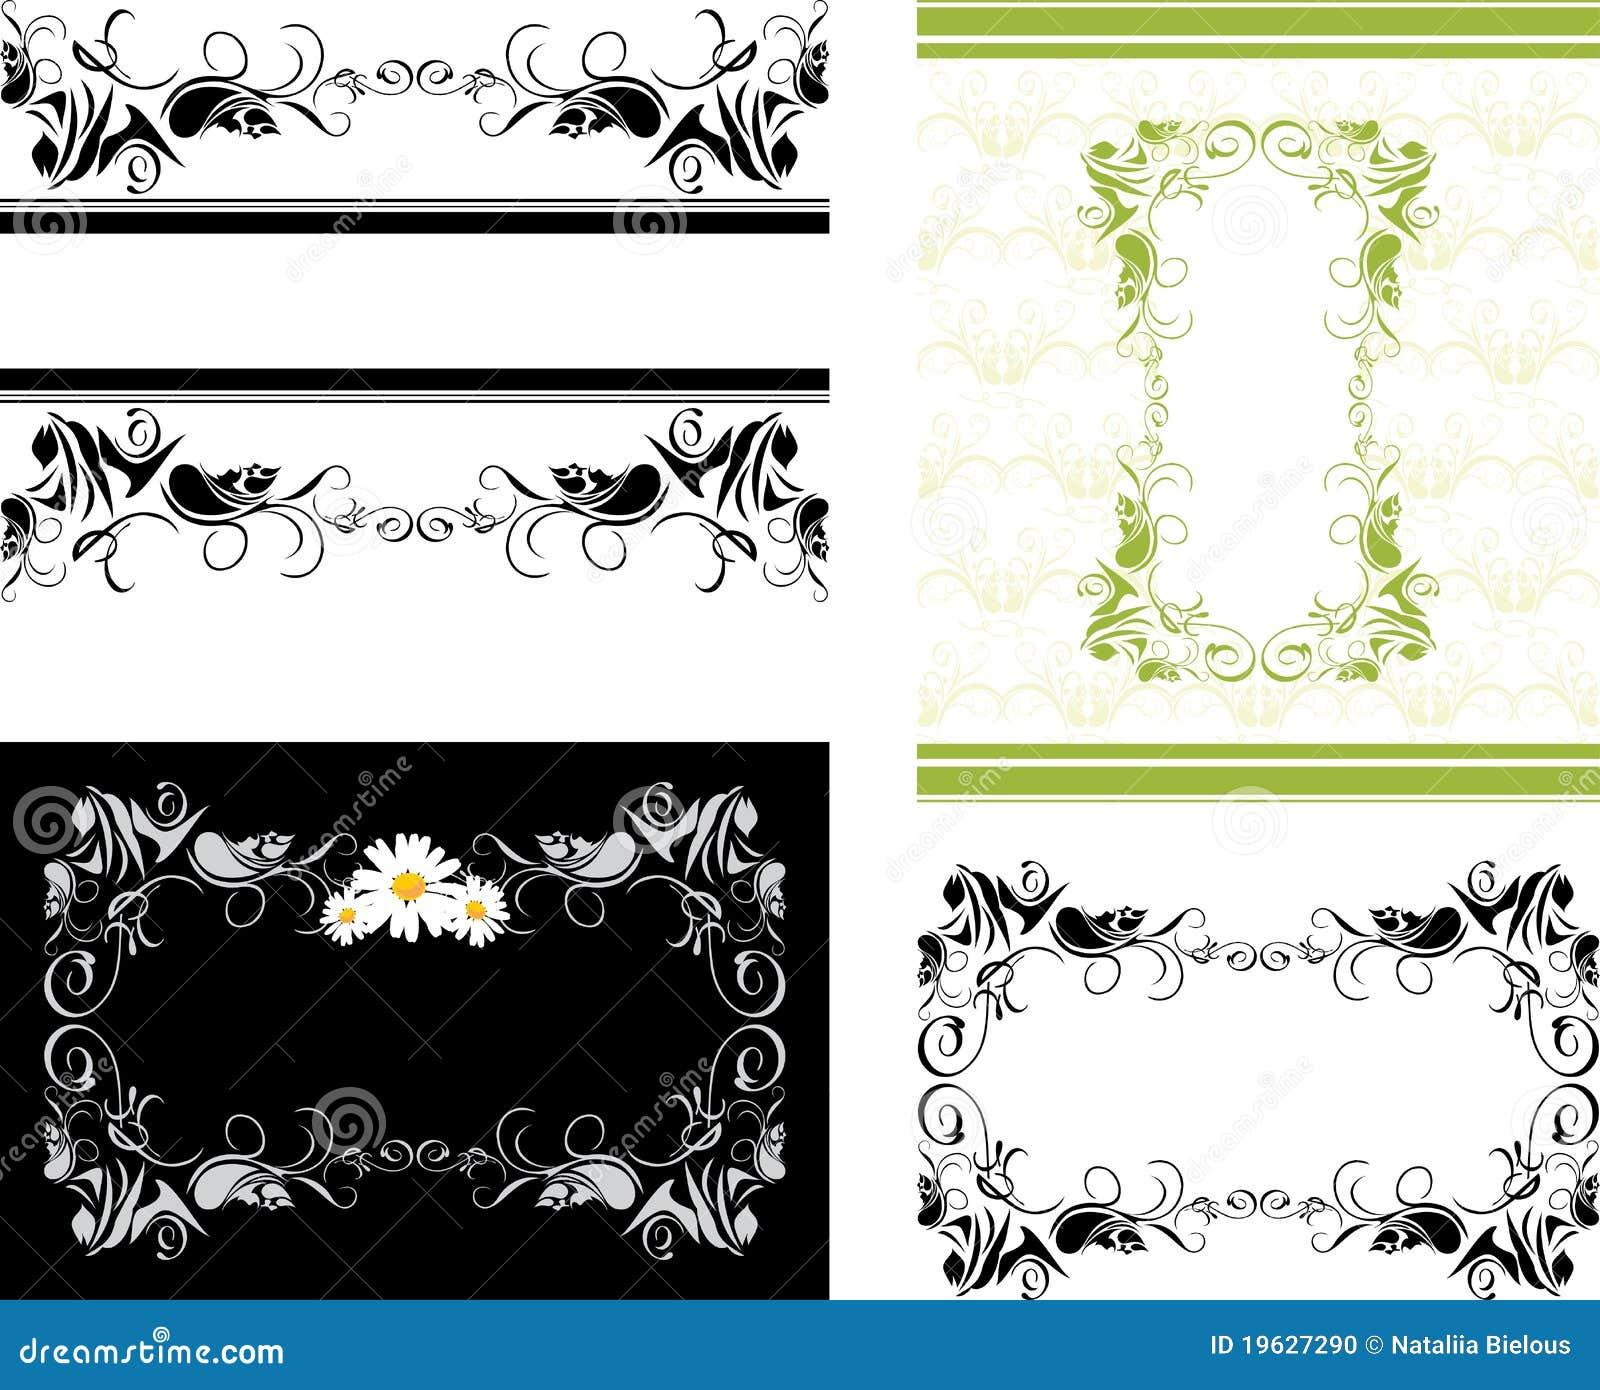 cuatro marcos decorativos para el dise o foto de archivo